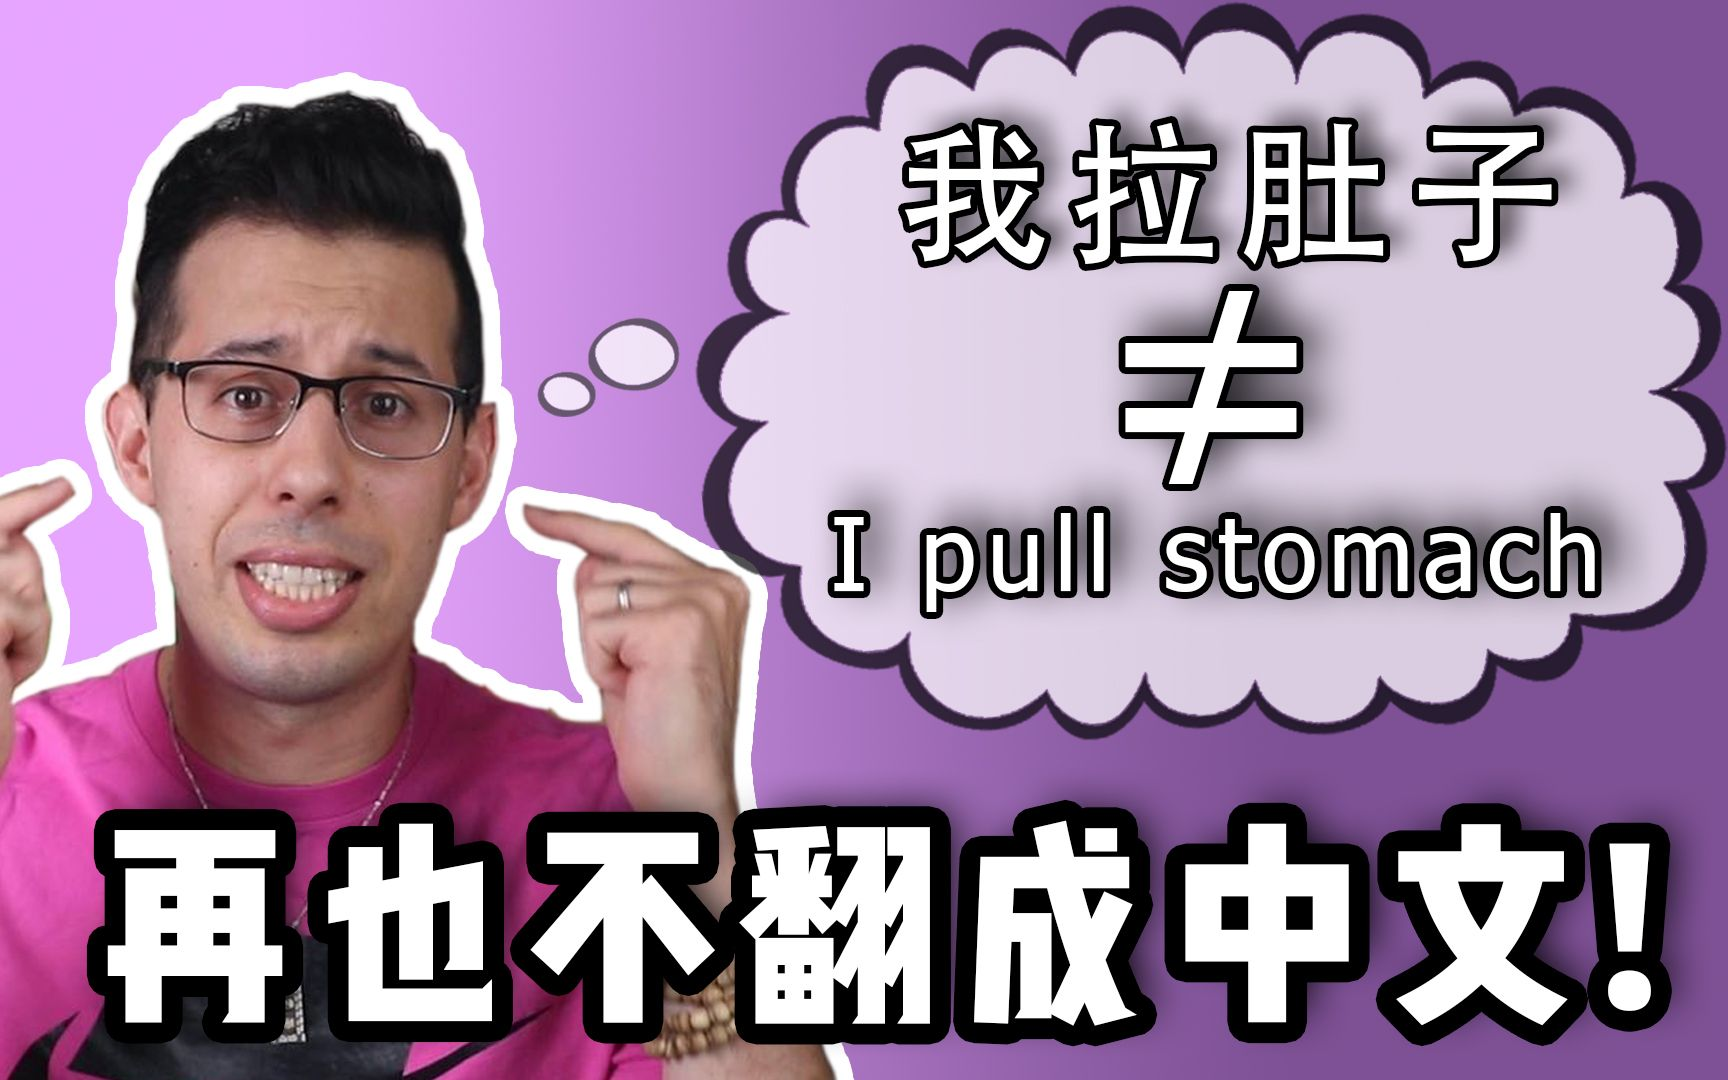 說英語要先翻成中文?英文思考就這么練成的!(其實你已經會)_嗶哩嗶哩 (゜-゜)つロ 干杯~-bilibili